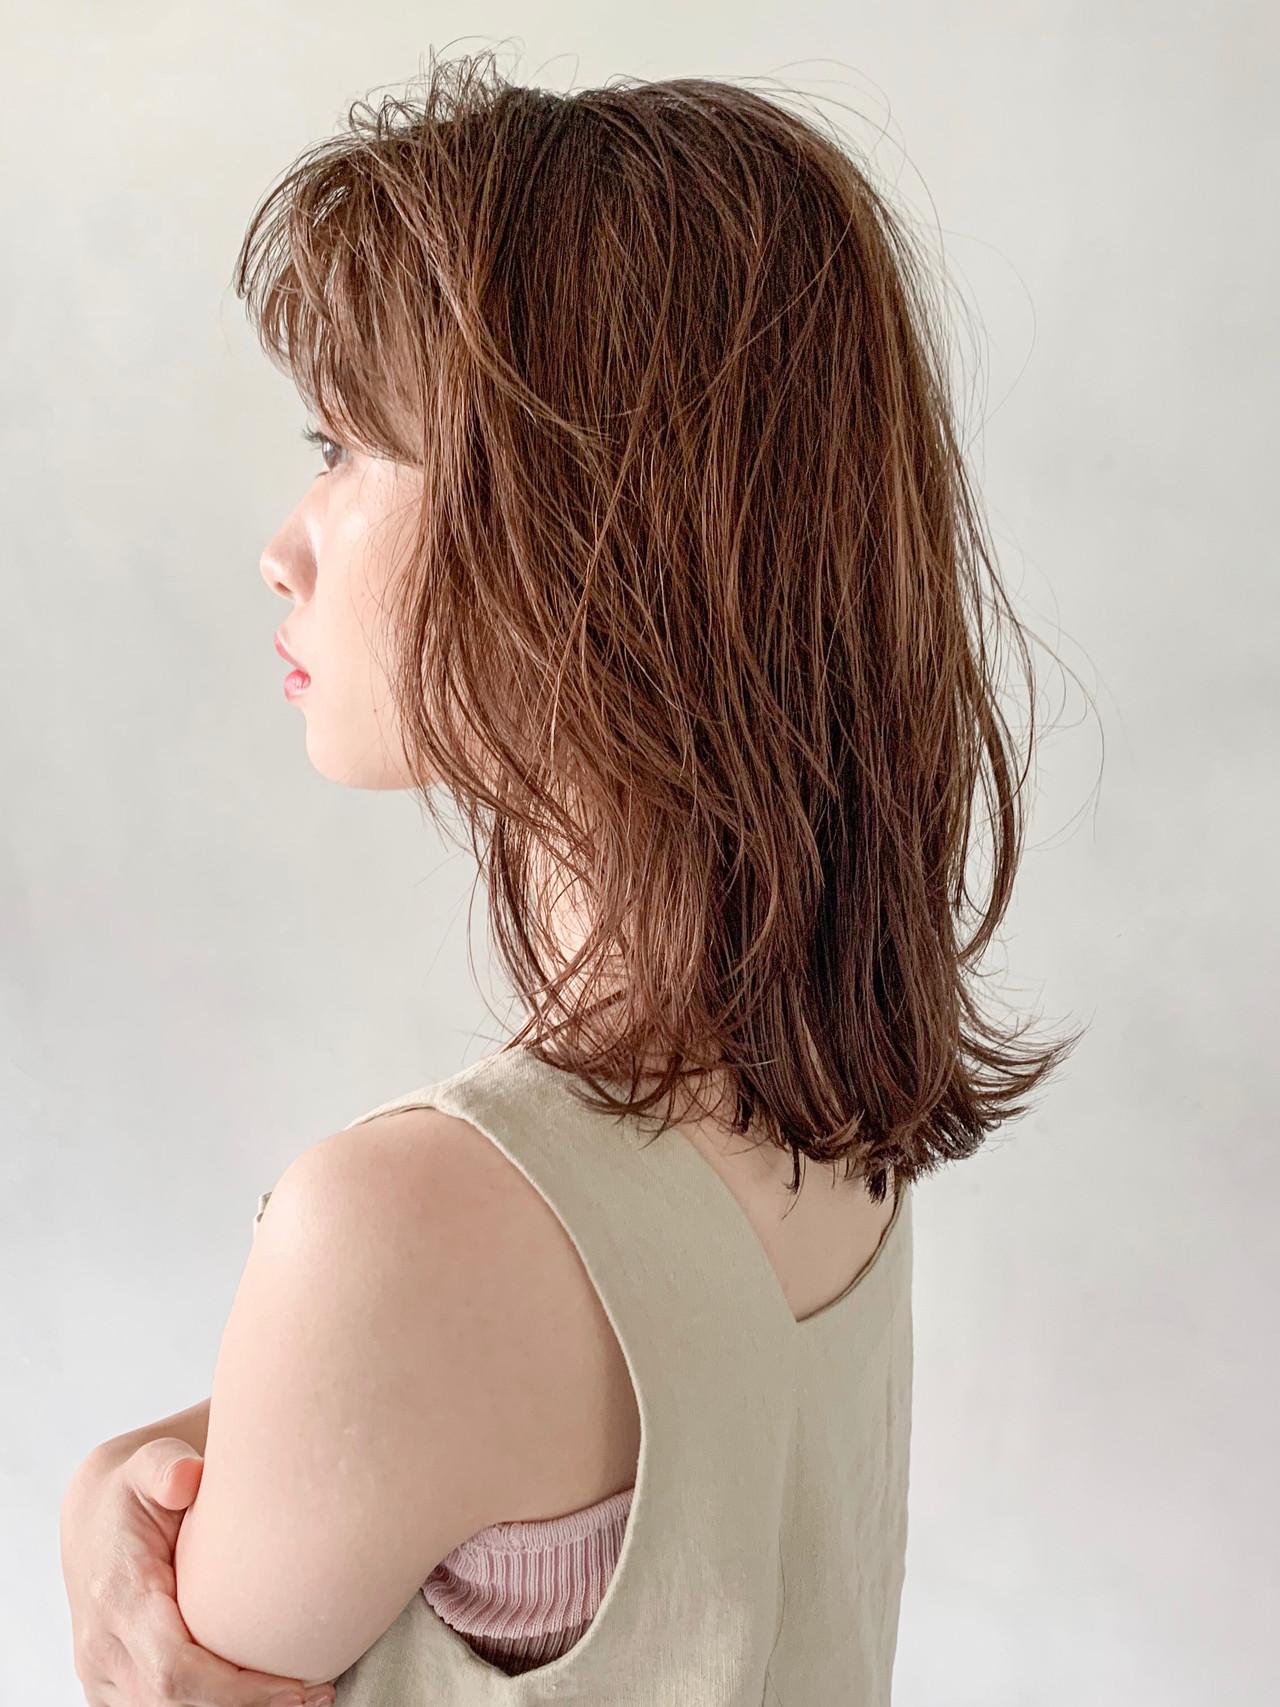 ミディアム ナチュラル ウルフカット レイヤーカット ヘアスタイルや髪型の写真・画像